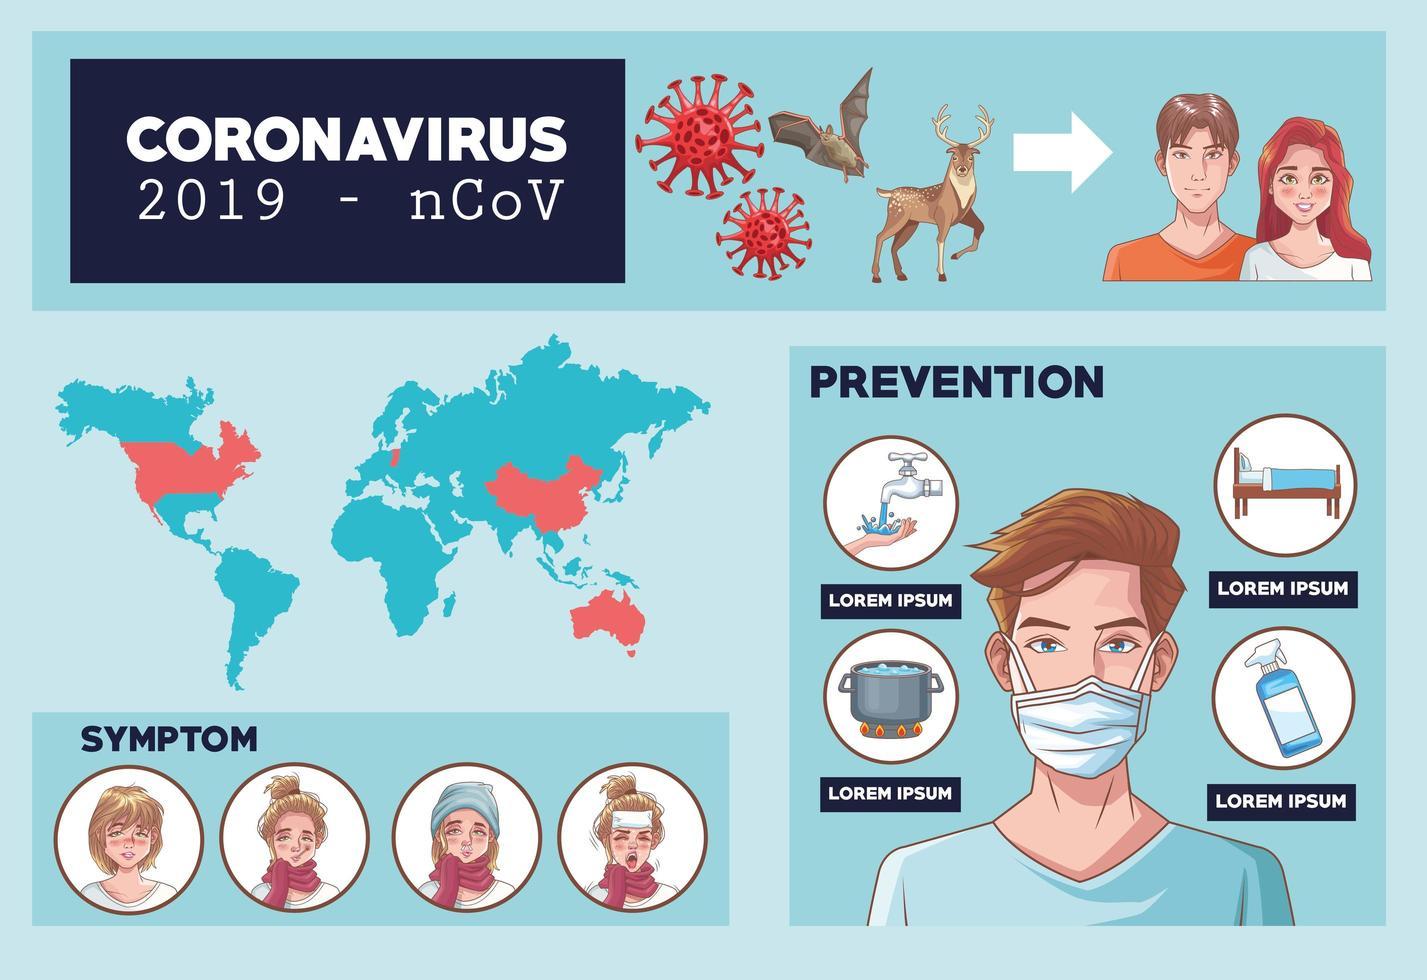 Infografica sul coronavirus ncov 2019 con sintomi e prevenzione vettore